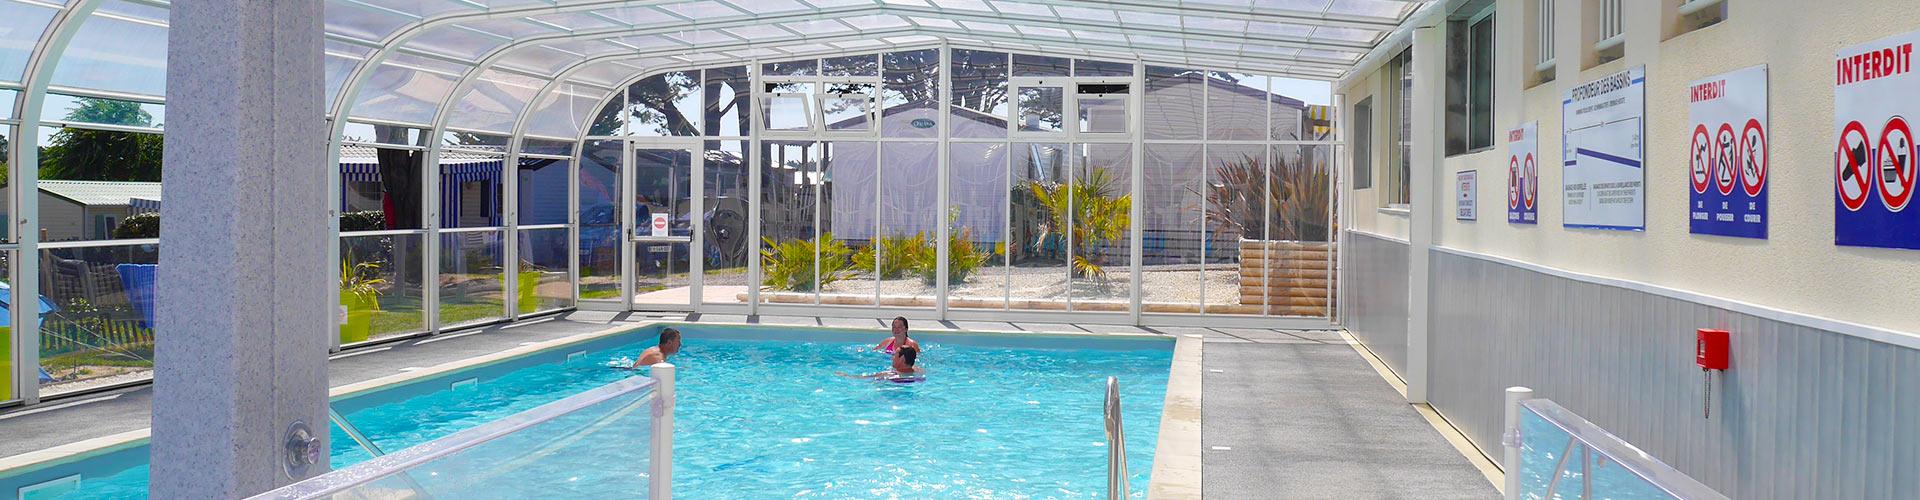 Campingplatz le brandais brem sur mer vend e for Camping bretignolles sur mer piscine couverte